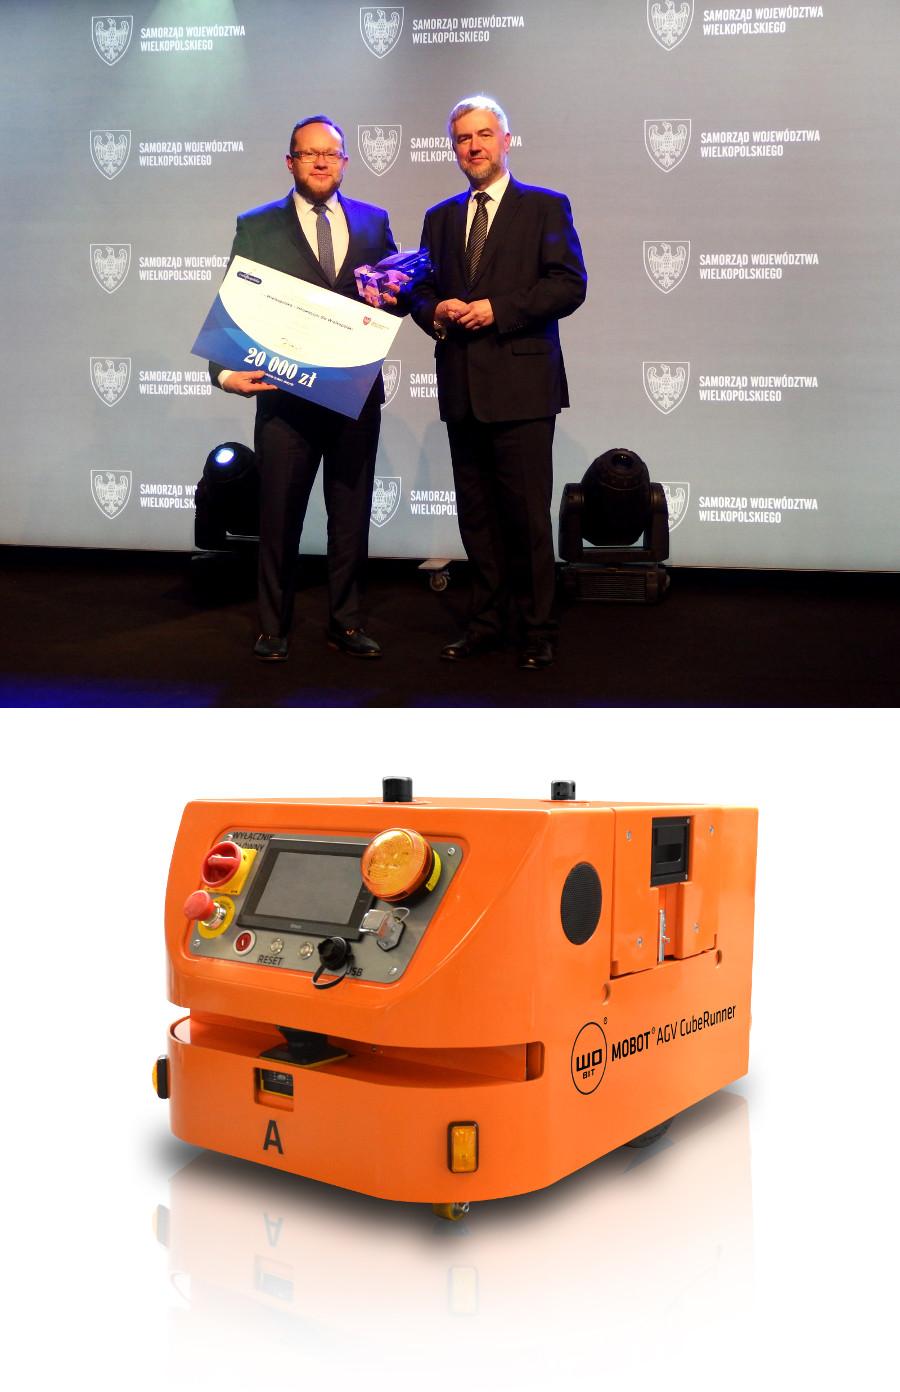 Firma WObit zajęła pierwsze miejsce w kategorii Przemysł Jutra w konkursie